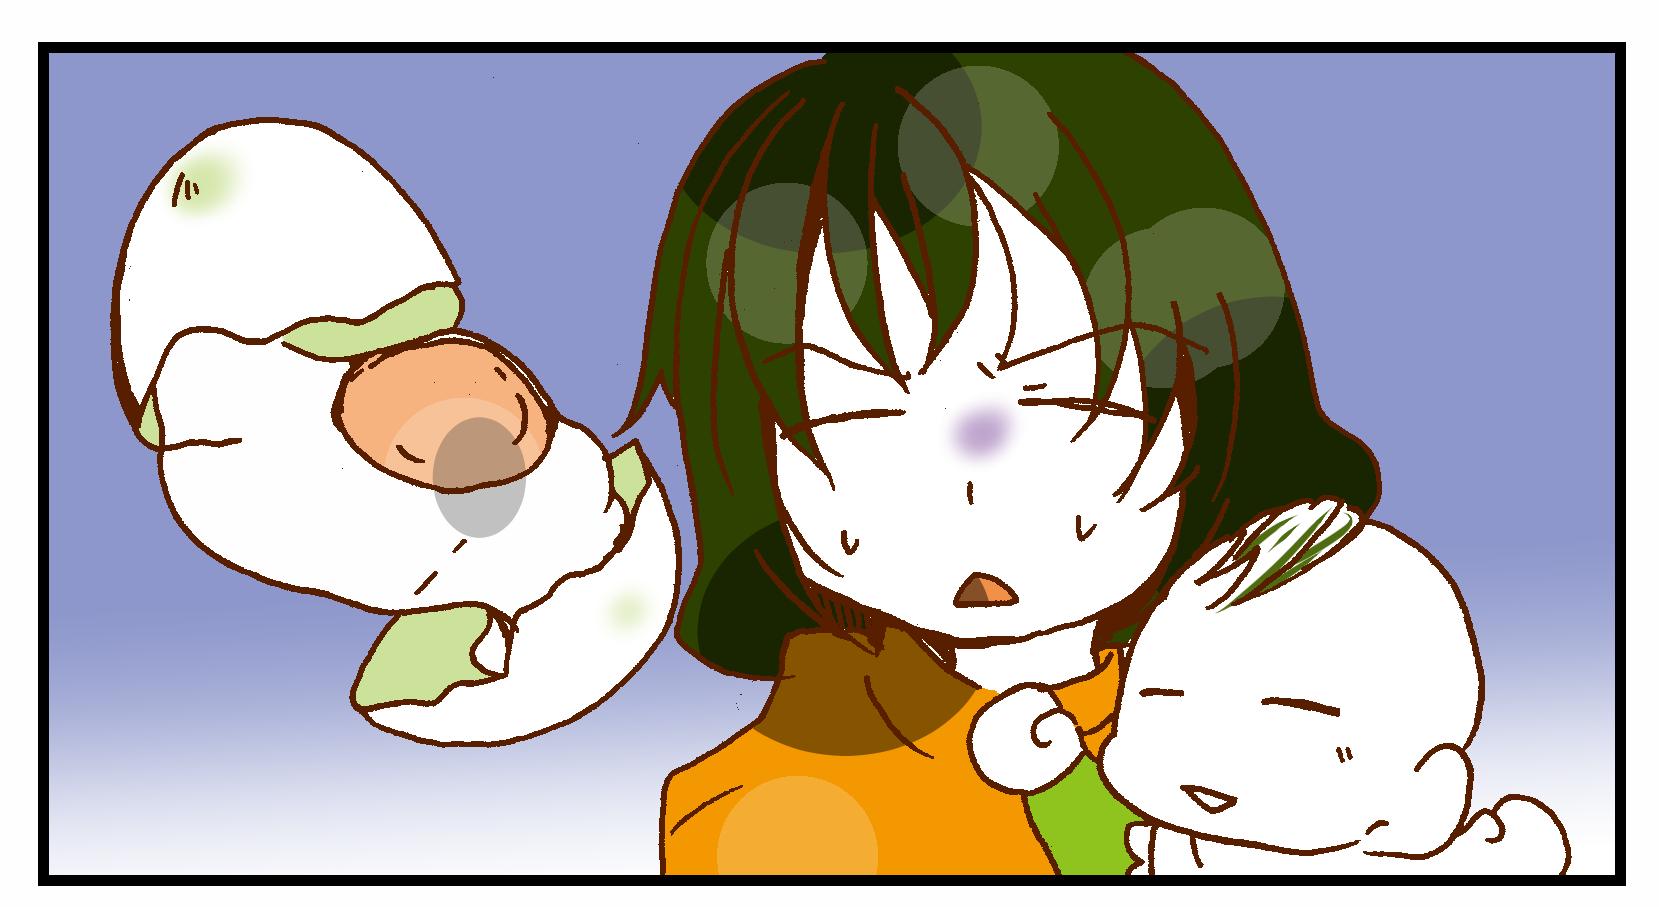 うちの子が卵アレルギー!?赤ちゃんの食物アレルギーについて考えよう!!